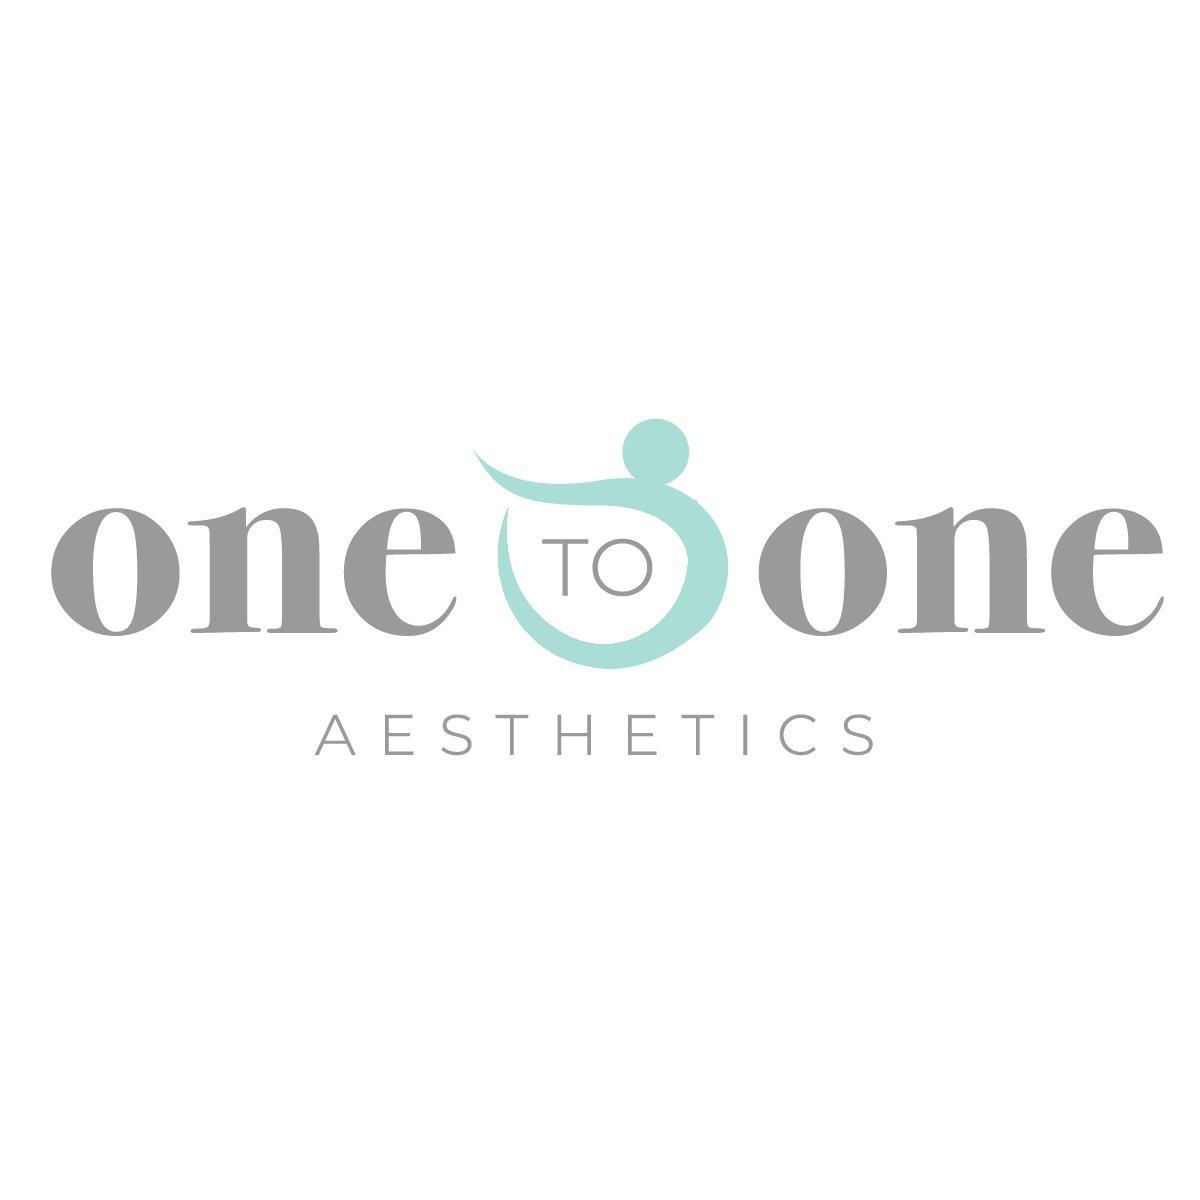 One to One Aesthetics